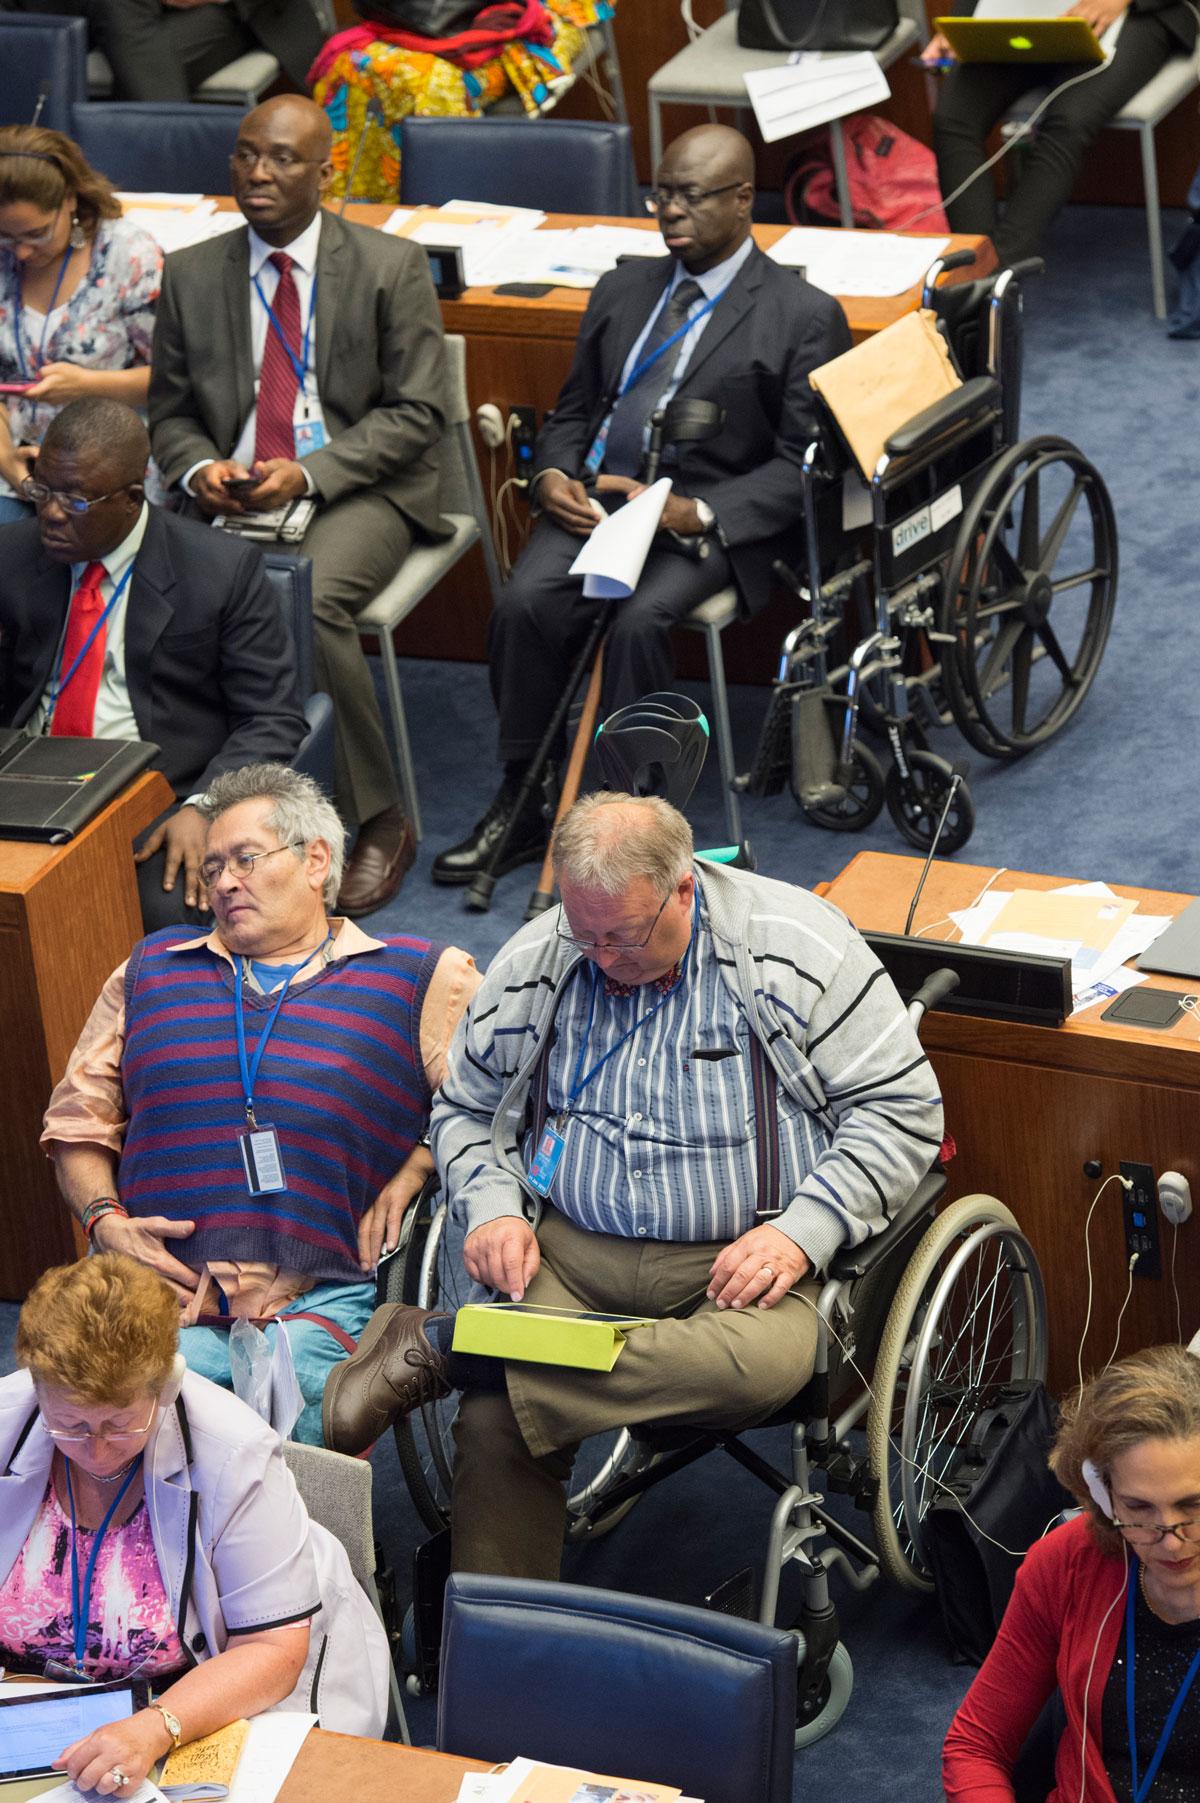 Partecipanti all'ottava sessione della Conferenza degli Stati membri della Convenzione sui diritti delle persone con disabilità, all'apertura della sessione.